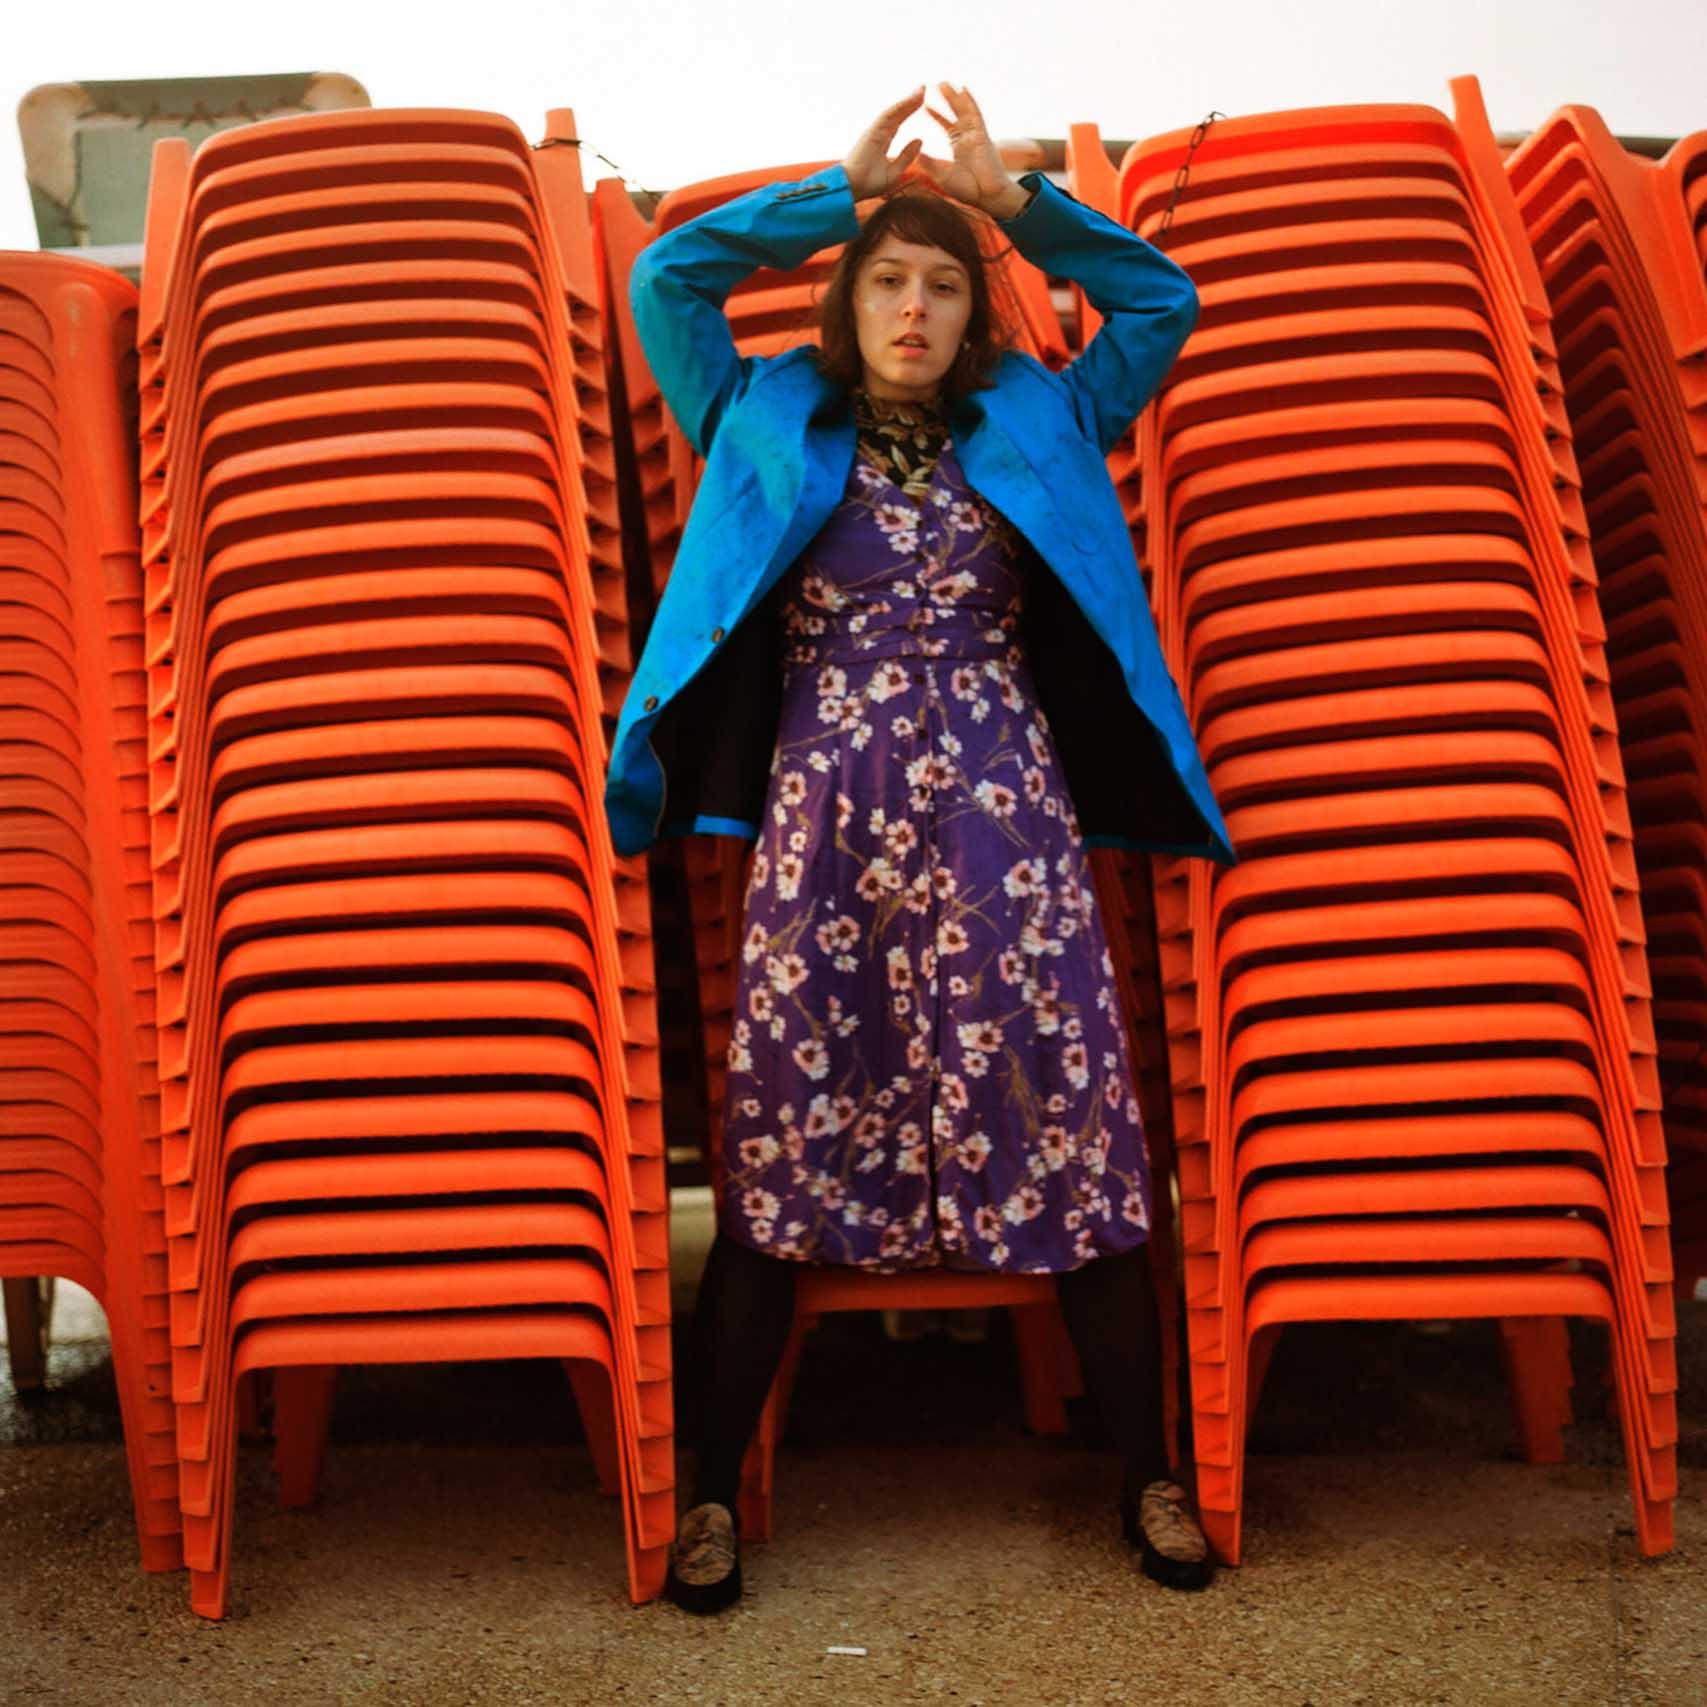 הפקות אופנה, צילום: עוז ברק, דוגמנית: Christina Hlybova, אופנה: ונטה -מגזין אופנה ישראלי - 2